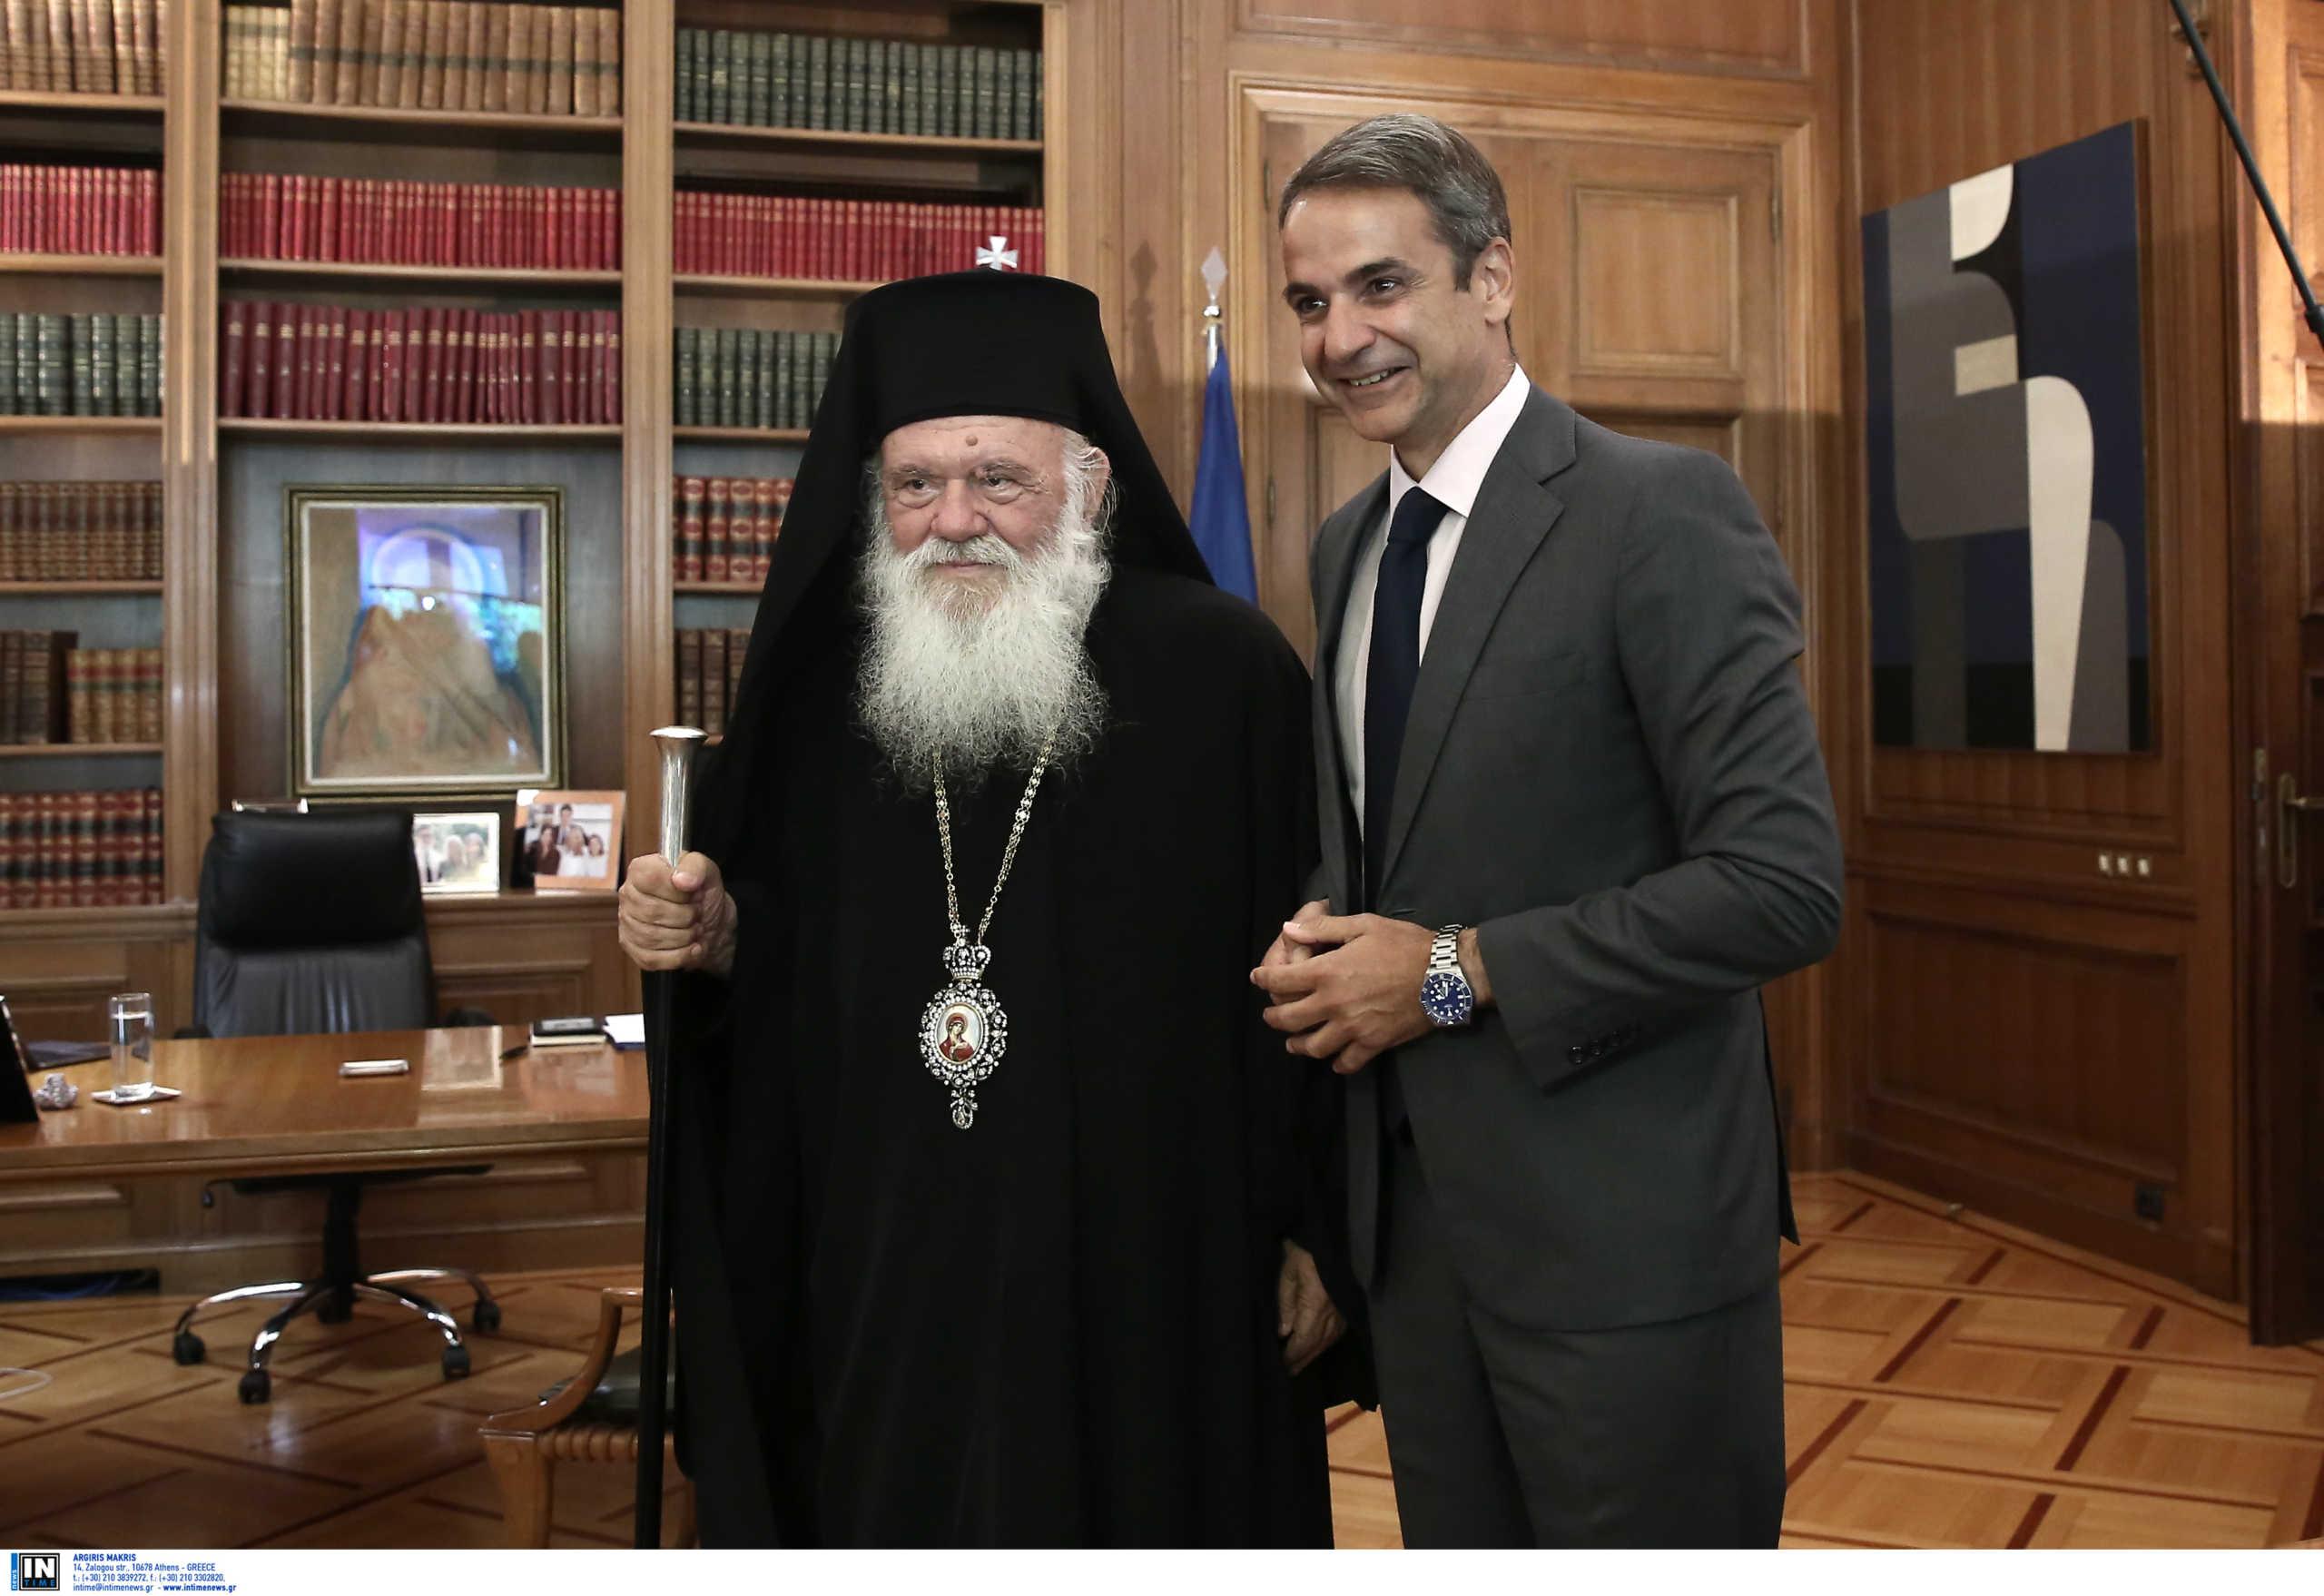 Ιερώνυμος σε Μητσοτάκη: Άνοιξε τις εκκλησίες